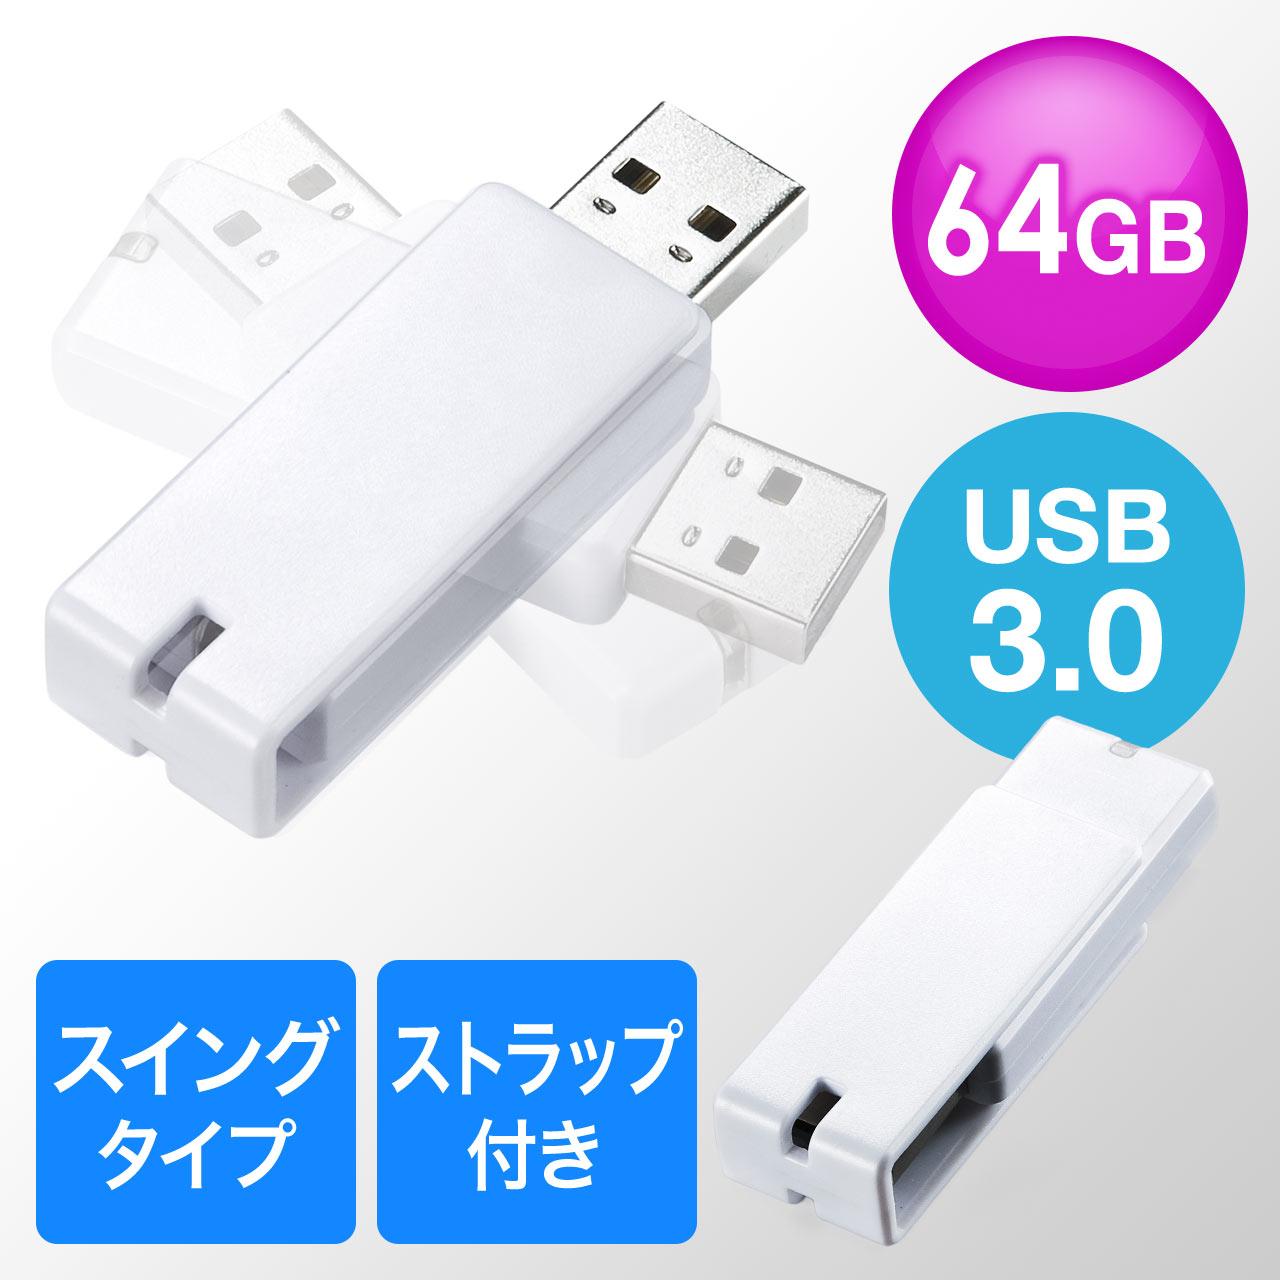 USBメモリ(USB3.0・スイング式・キャップレス・ストラップ付き・名入れ対応・64GB・ホワイト) サンワダイレクト サンワサプライ 600-3US64GW